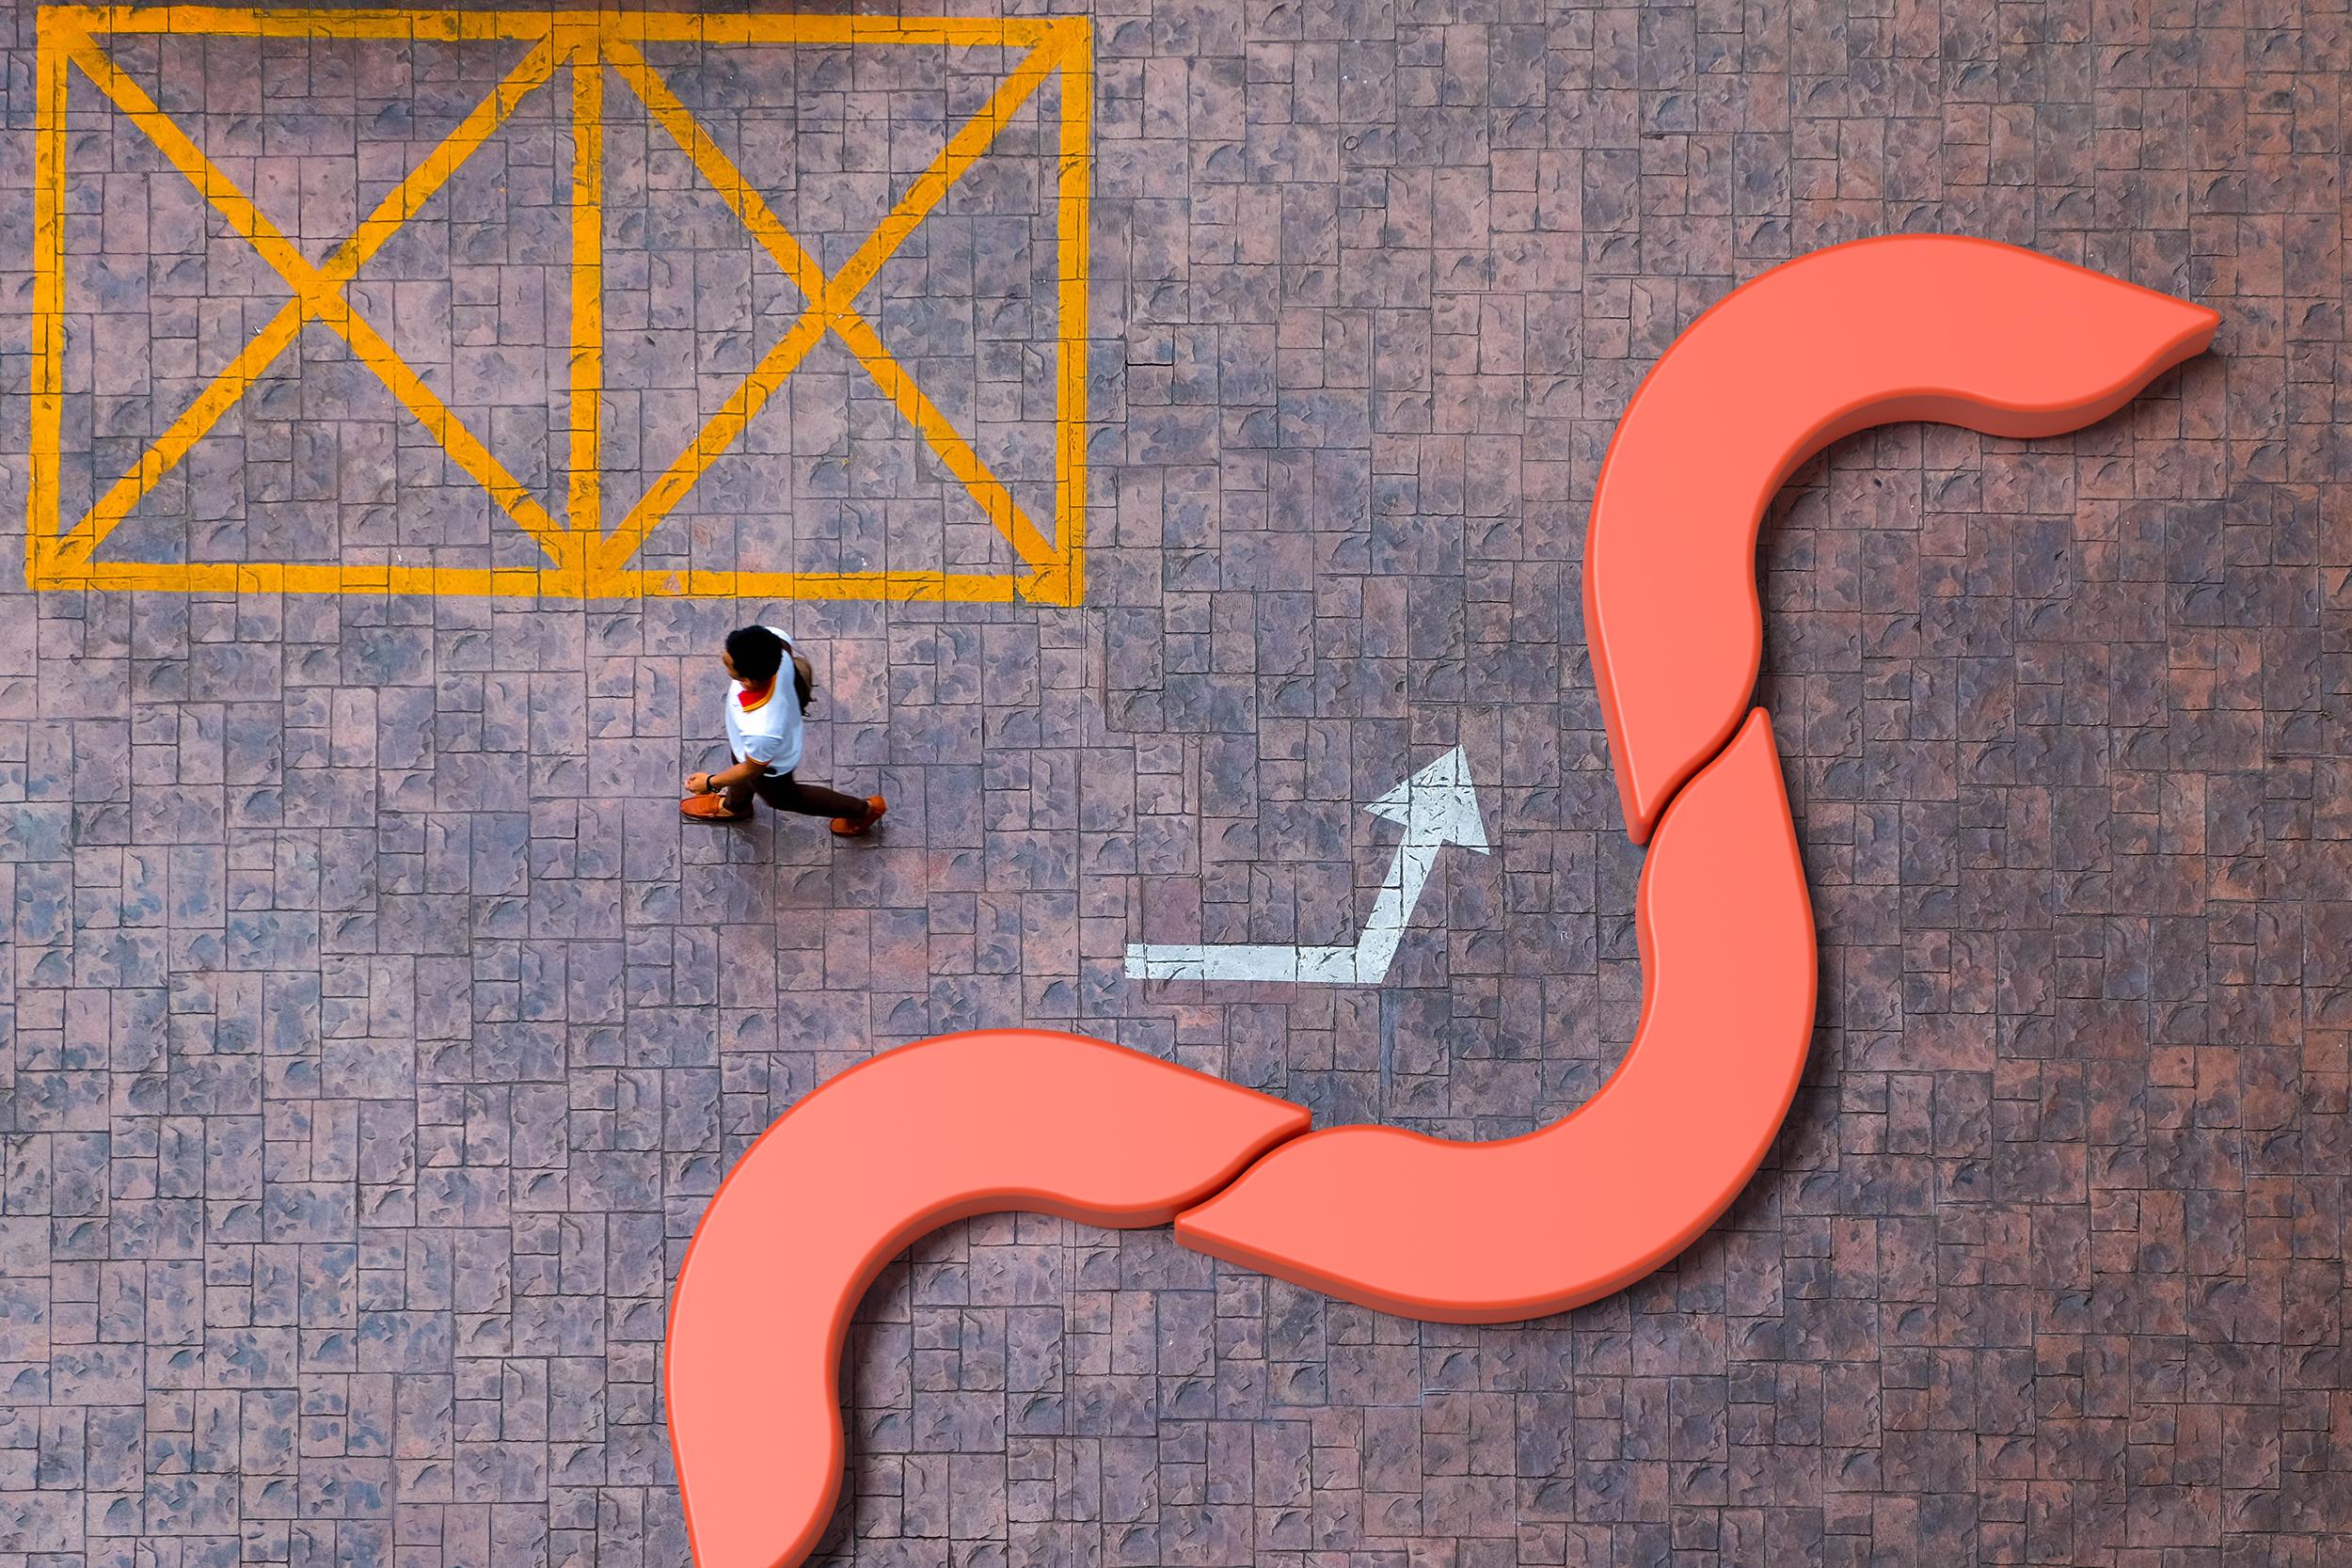 Montage photo pour présentation du design concept Urbain - Dripmoon